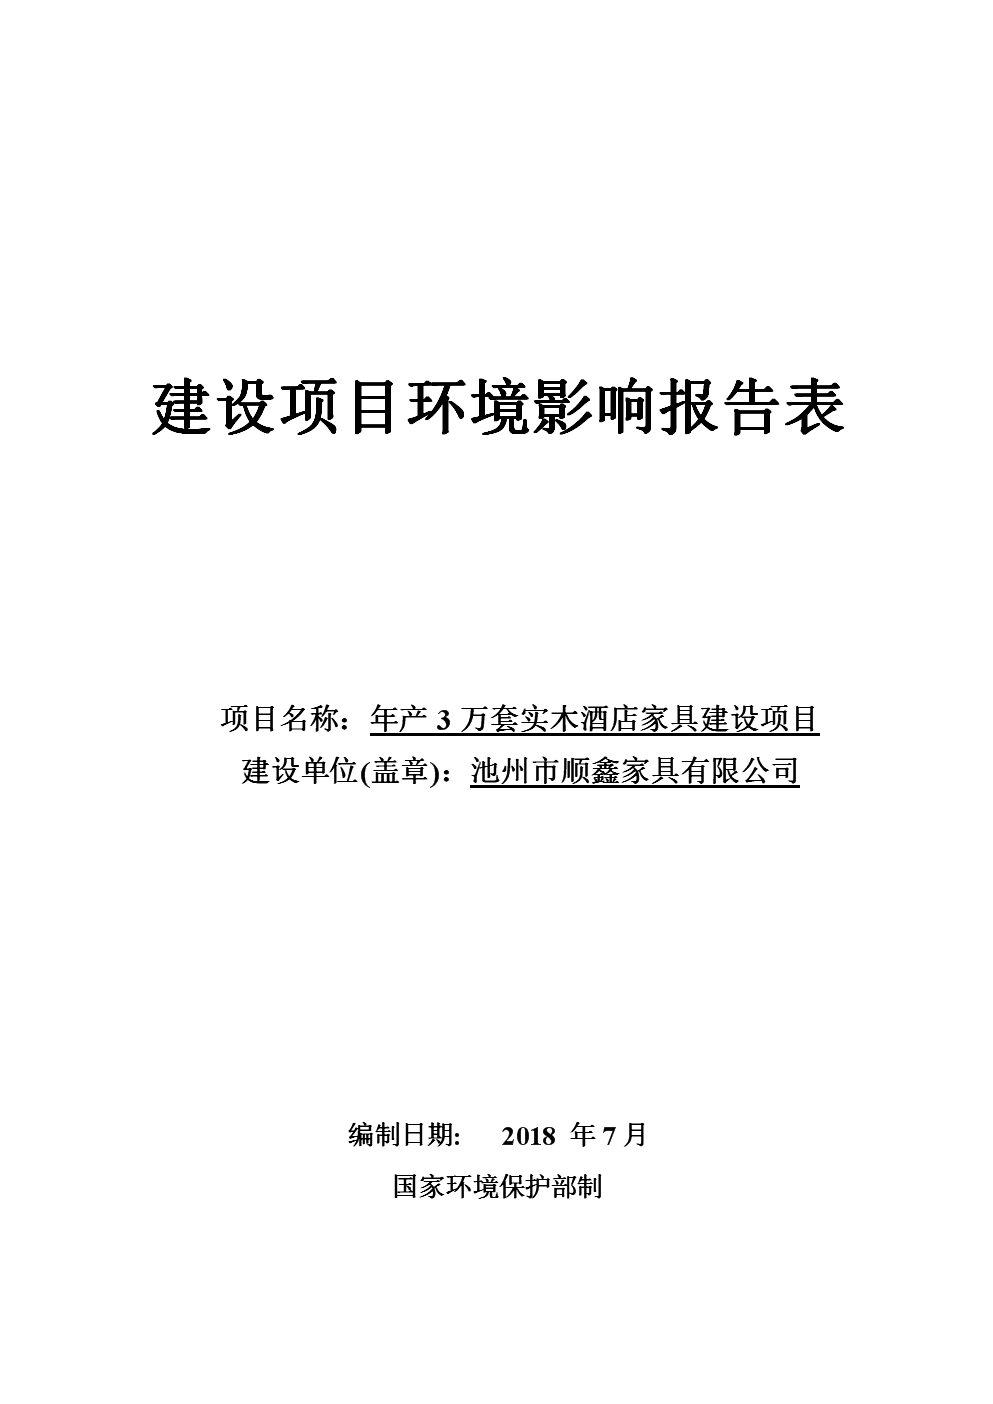 年产3万套实木酒店家具建设项目(顺鑫家具公司)环境影响报告.docx